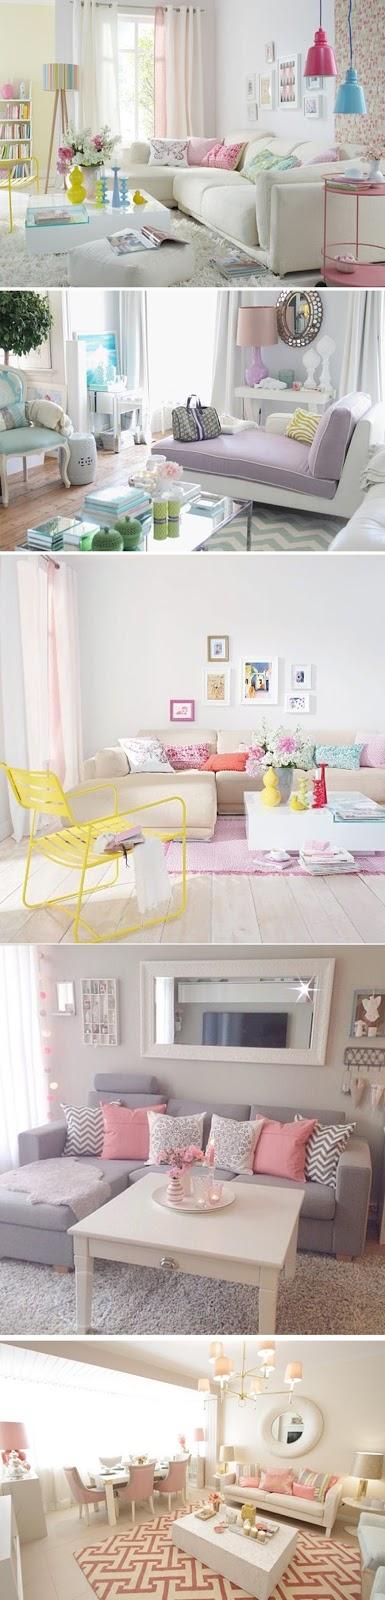 decoração de sala com cores pasteis